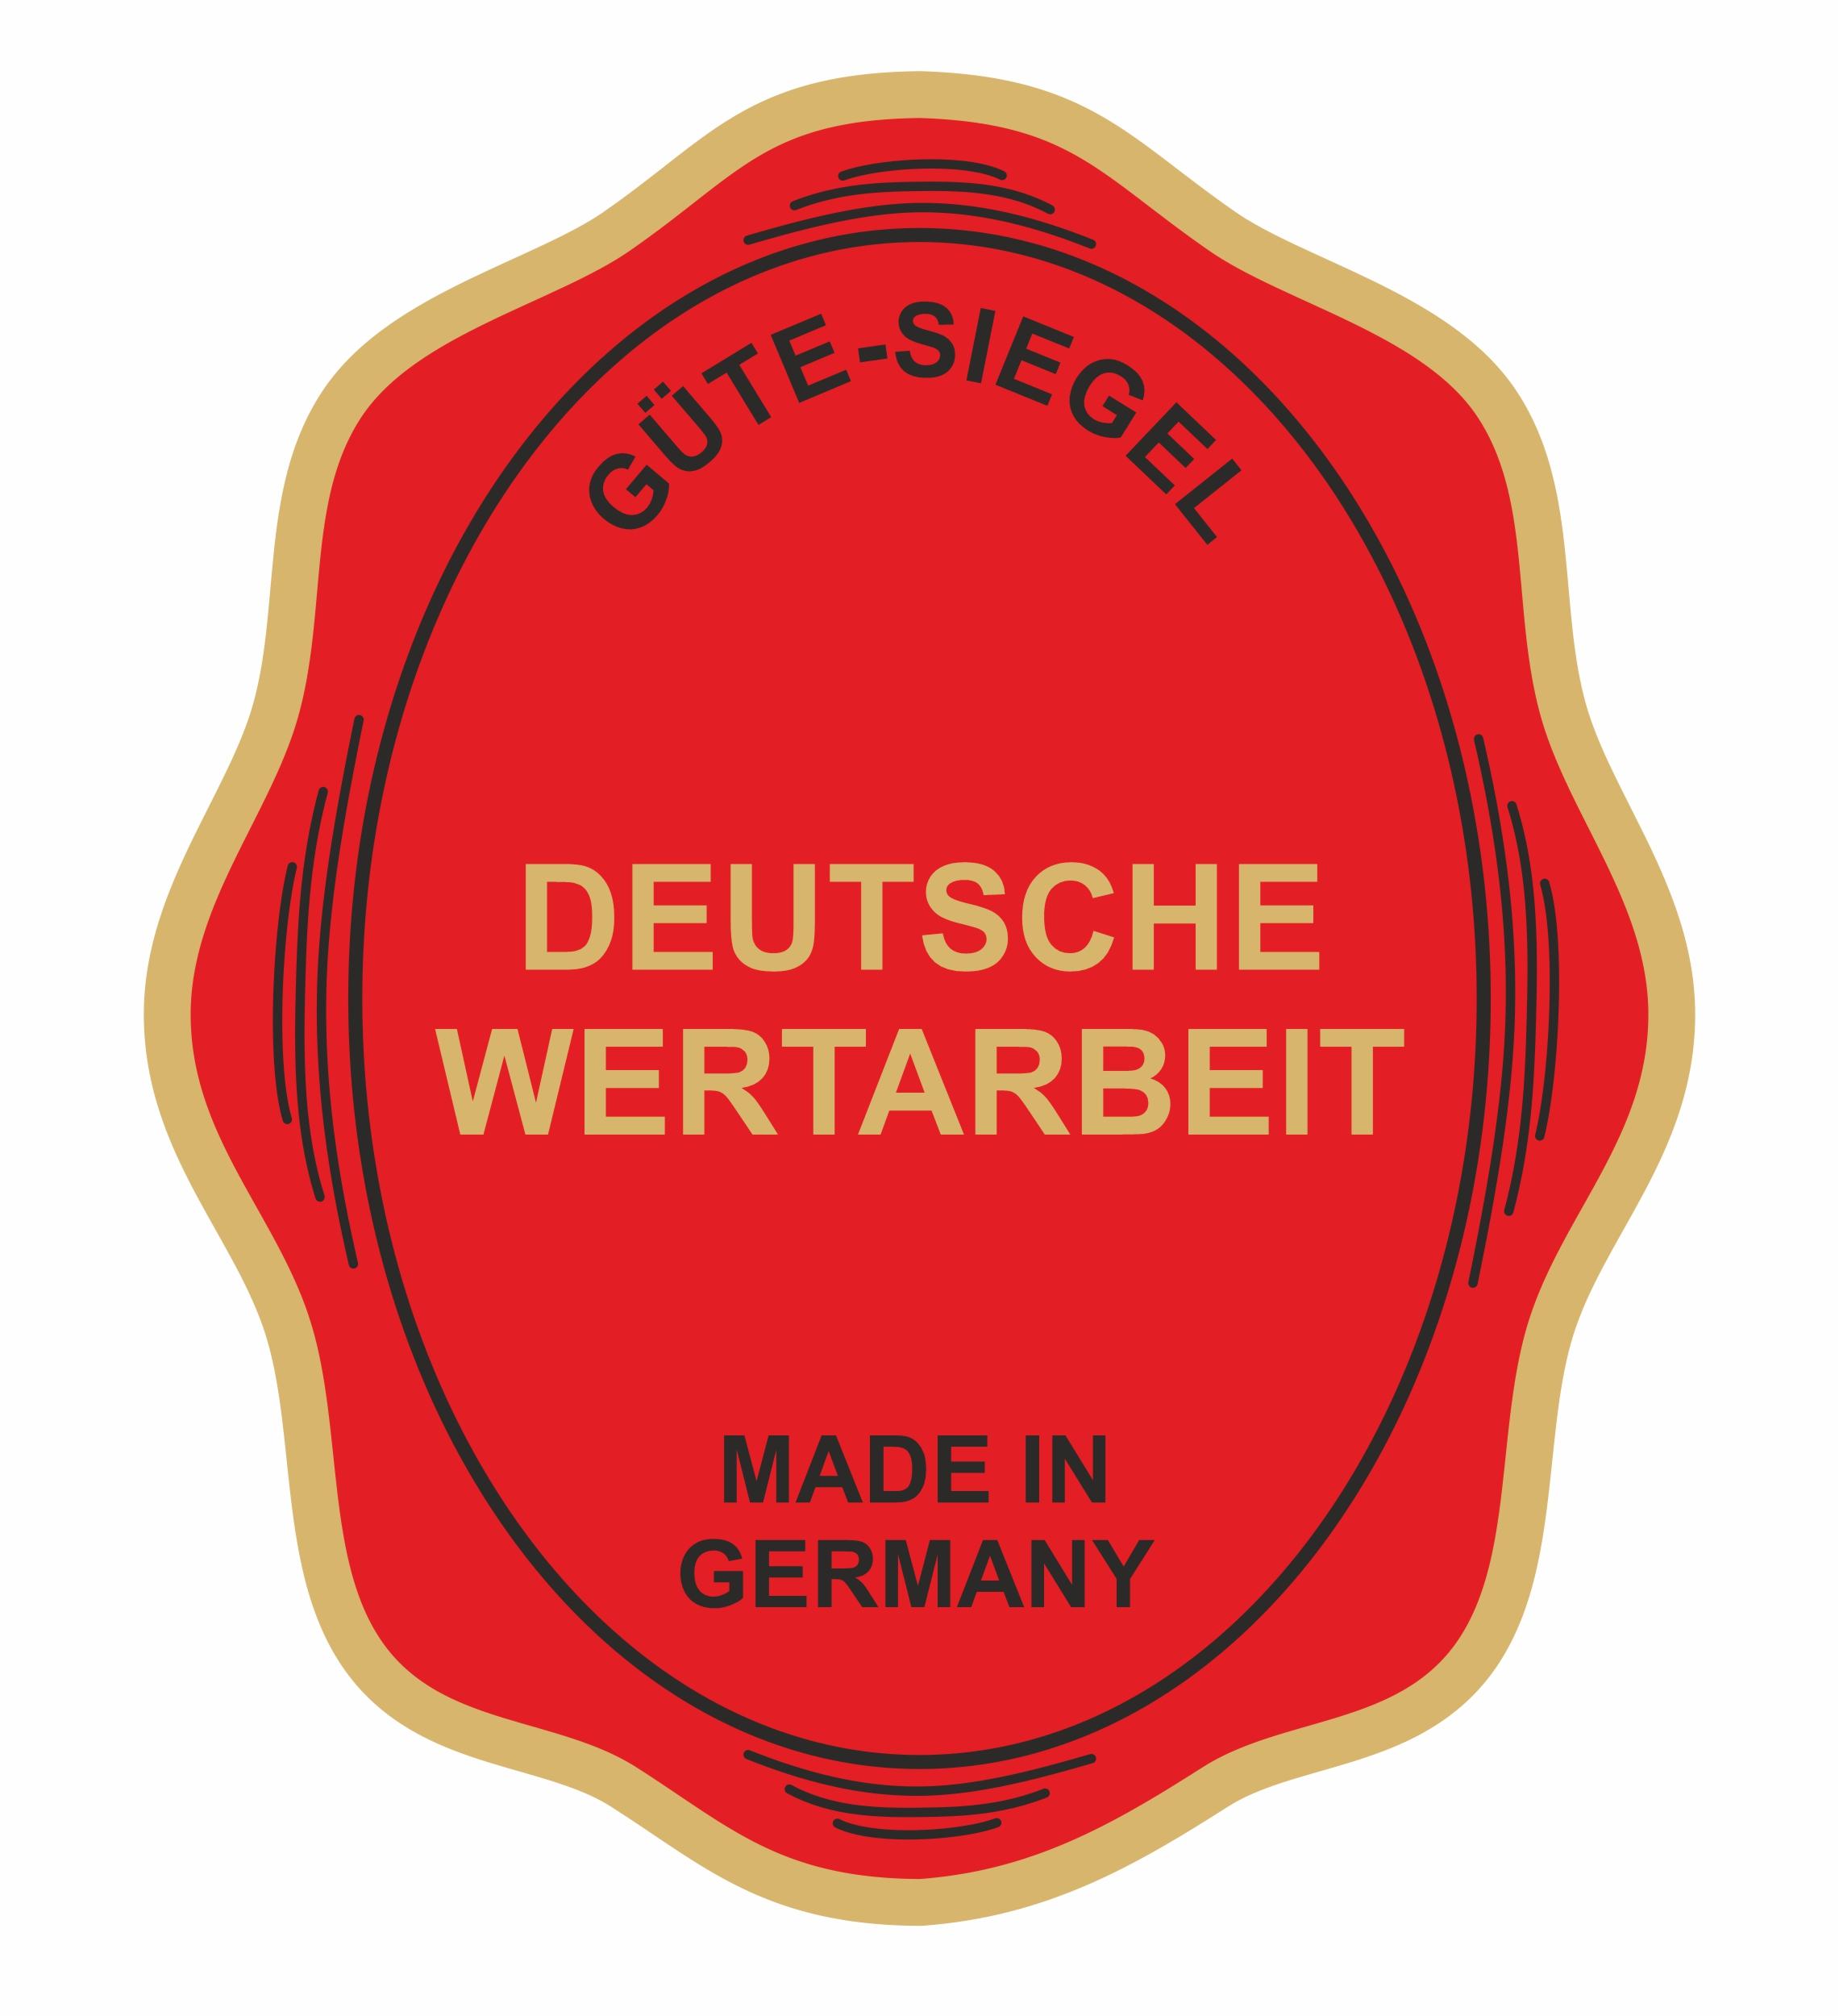 Aufkleber Deutsche Wertarbeit 60 x 50 mm Hochwertige PVC-Folie – Bild 1